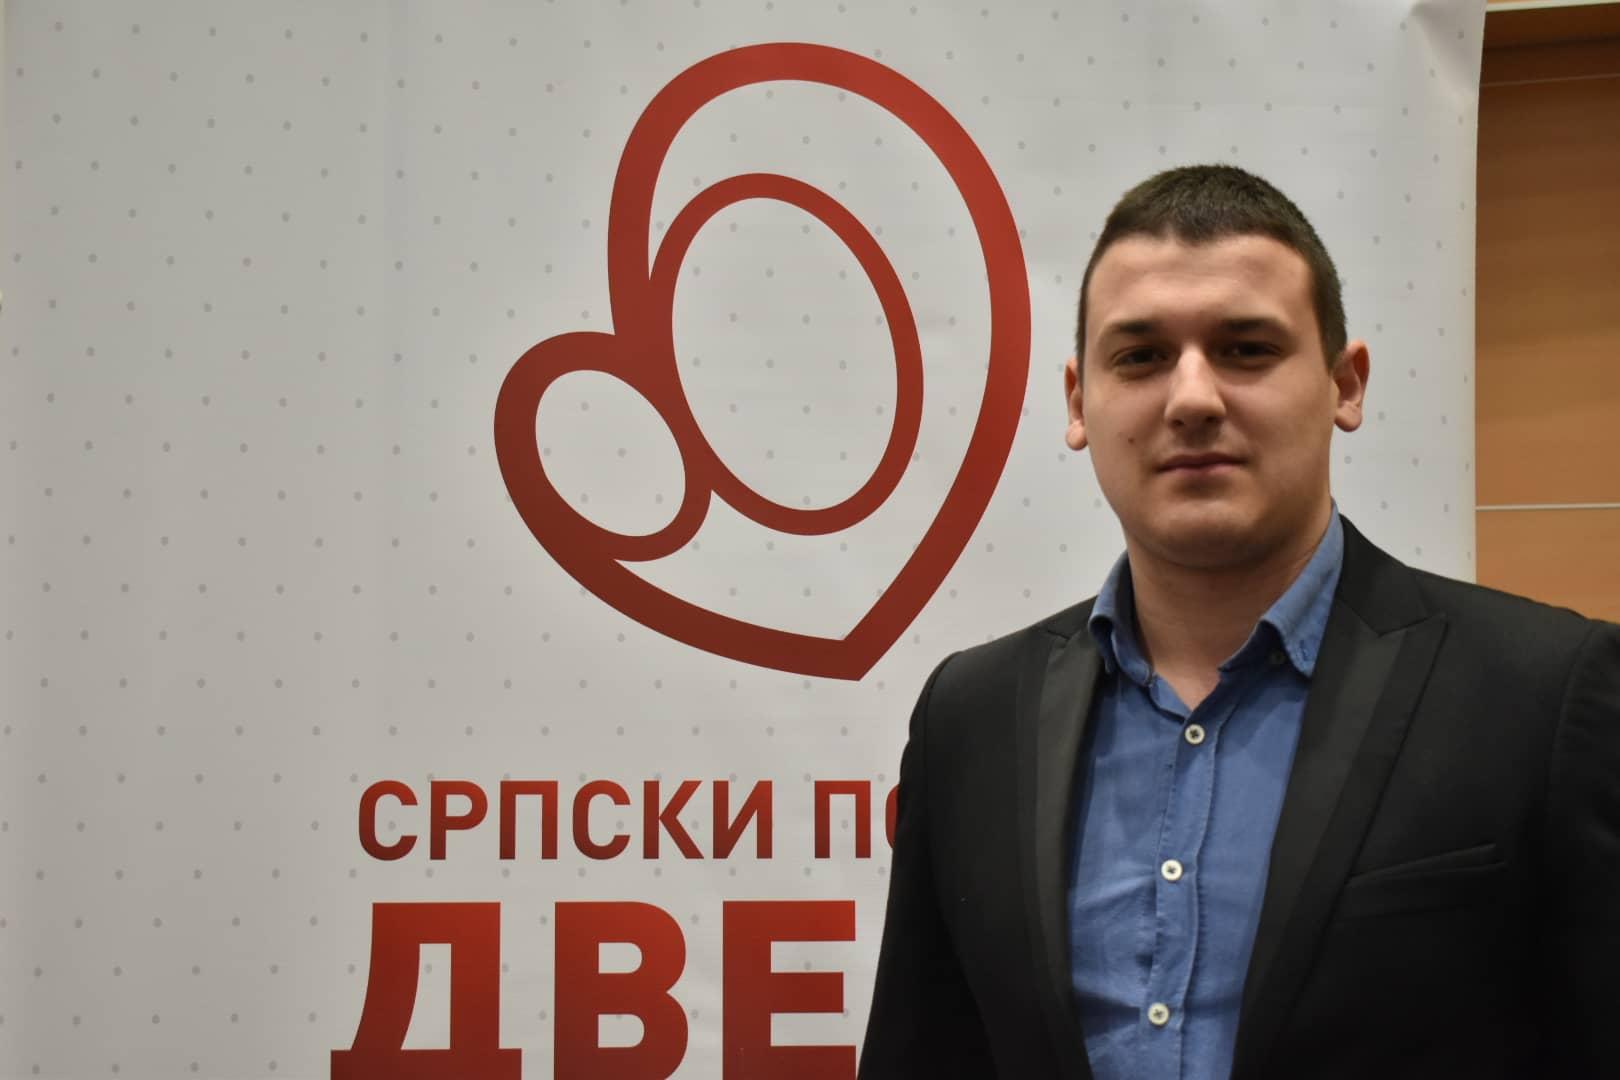 Ранко Радовић: Афера као природно стање власти СНС